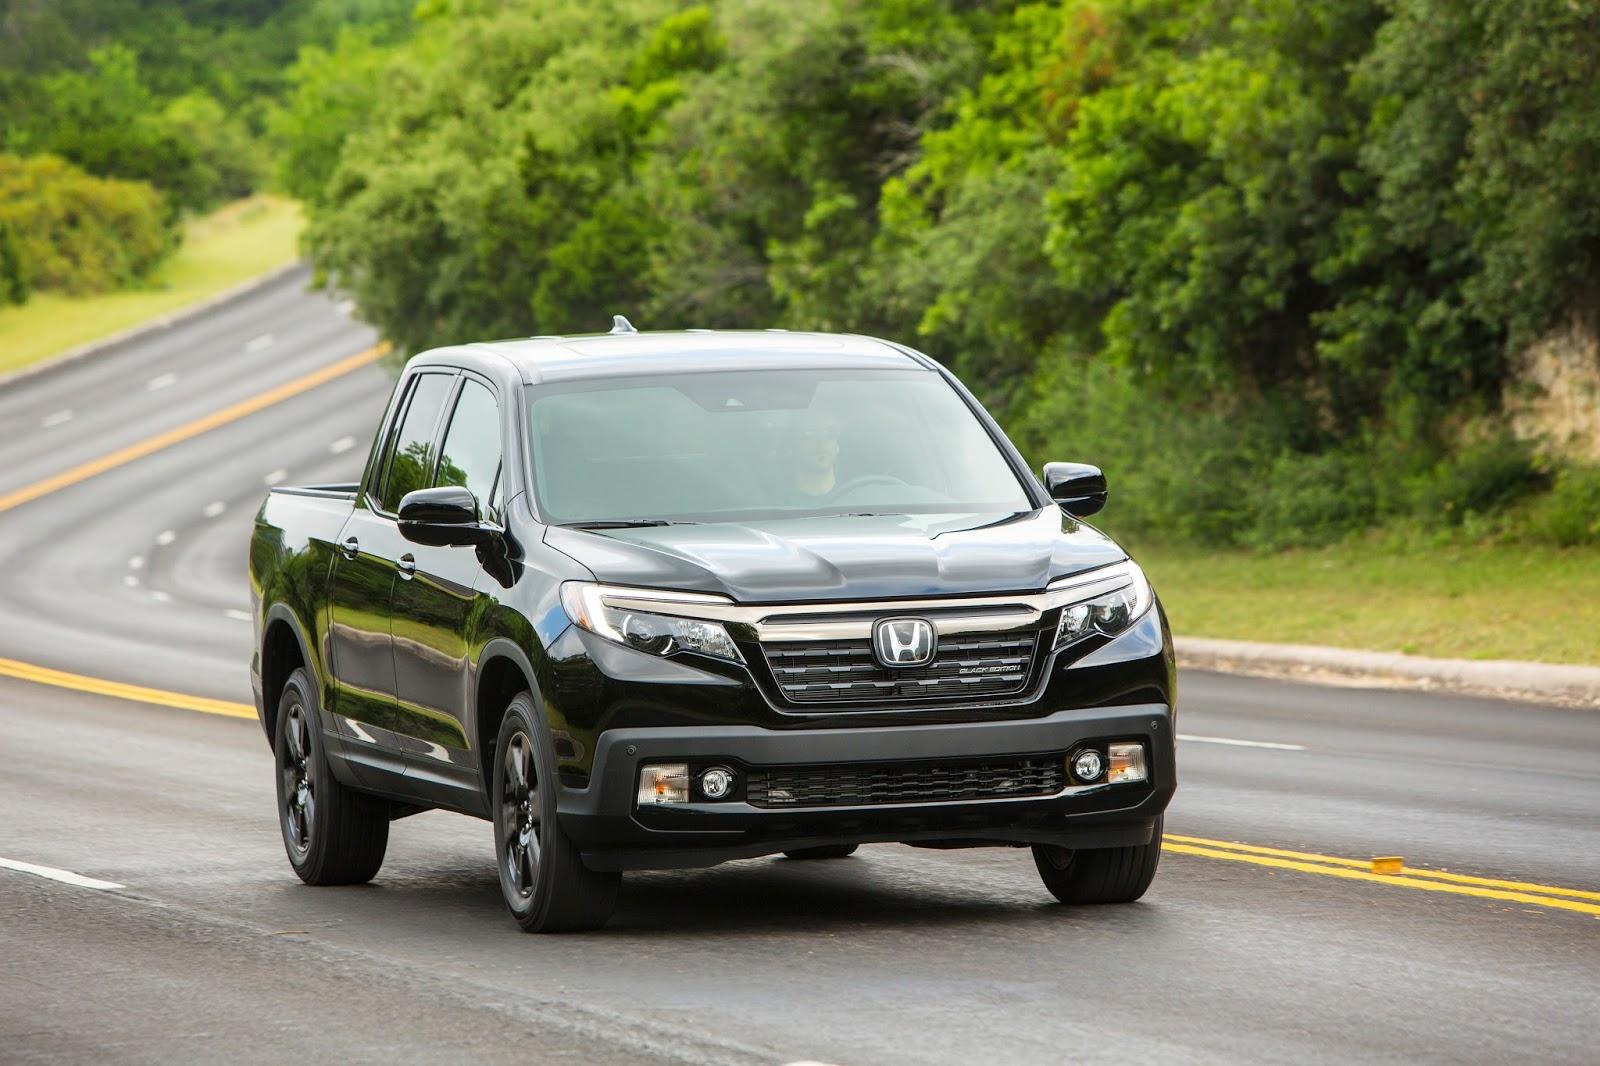 Image Result For Honda Ridgeline Tire Size